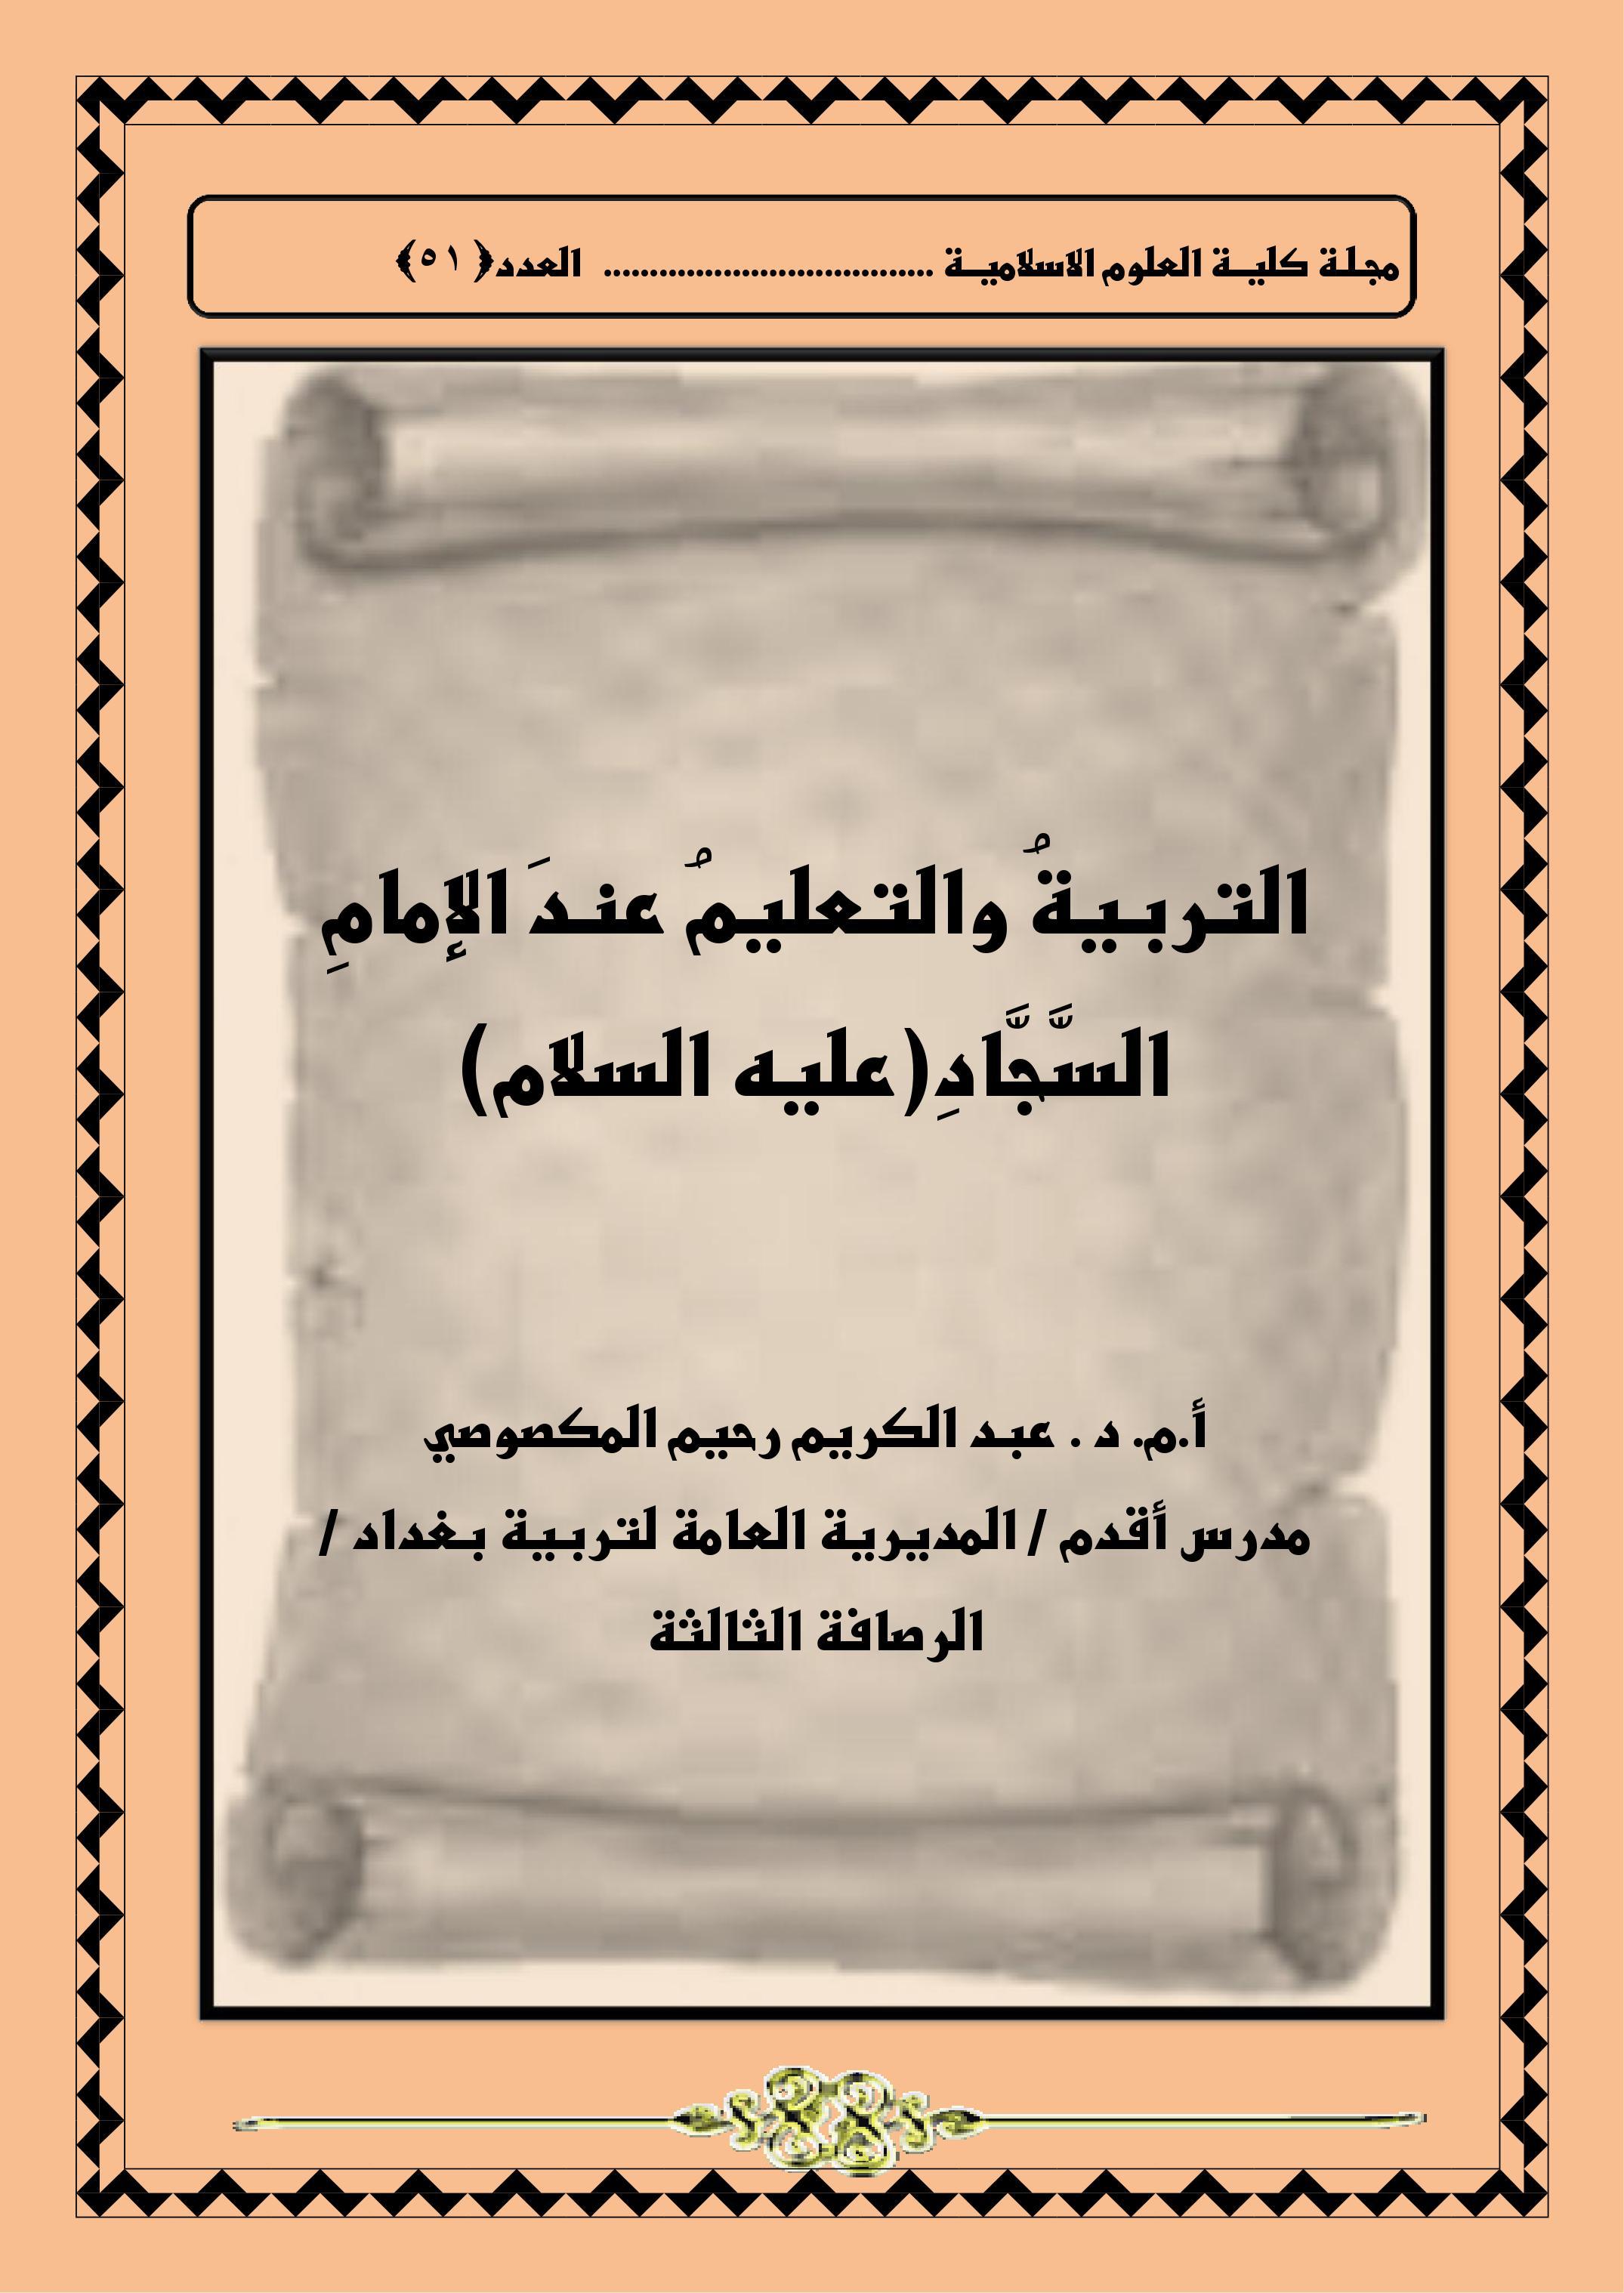 التربيةُ والتعليمُ عندَ الإمامِ السَّجَّادِ(عليه السلام)